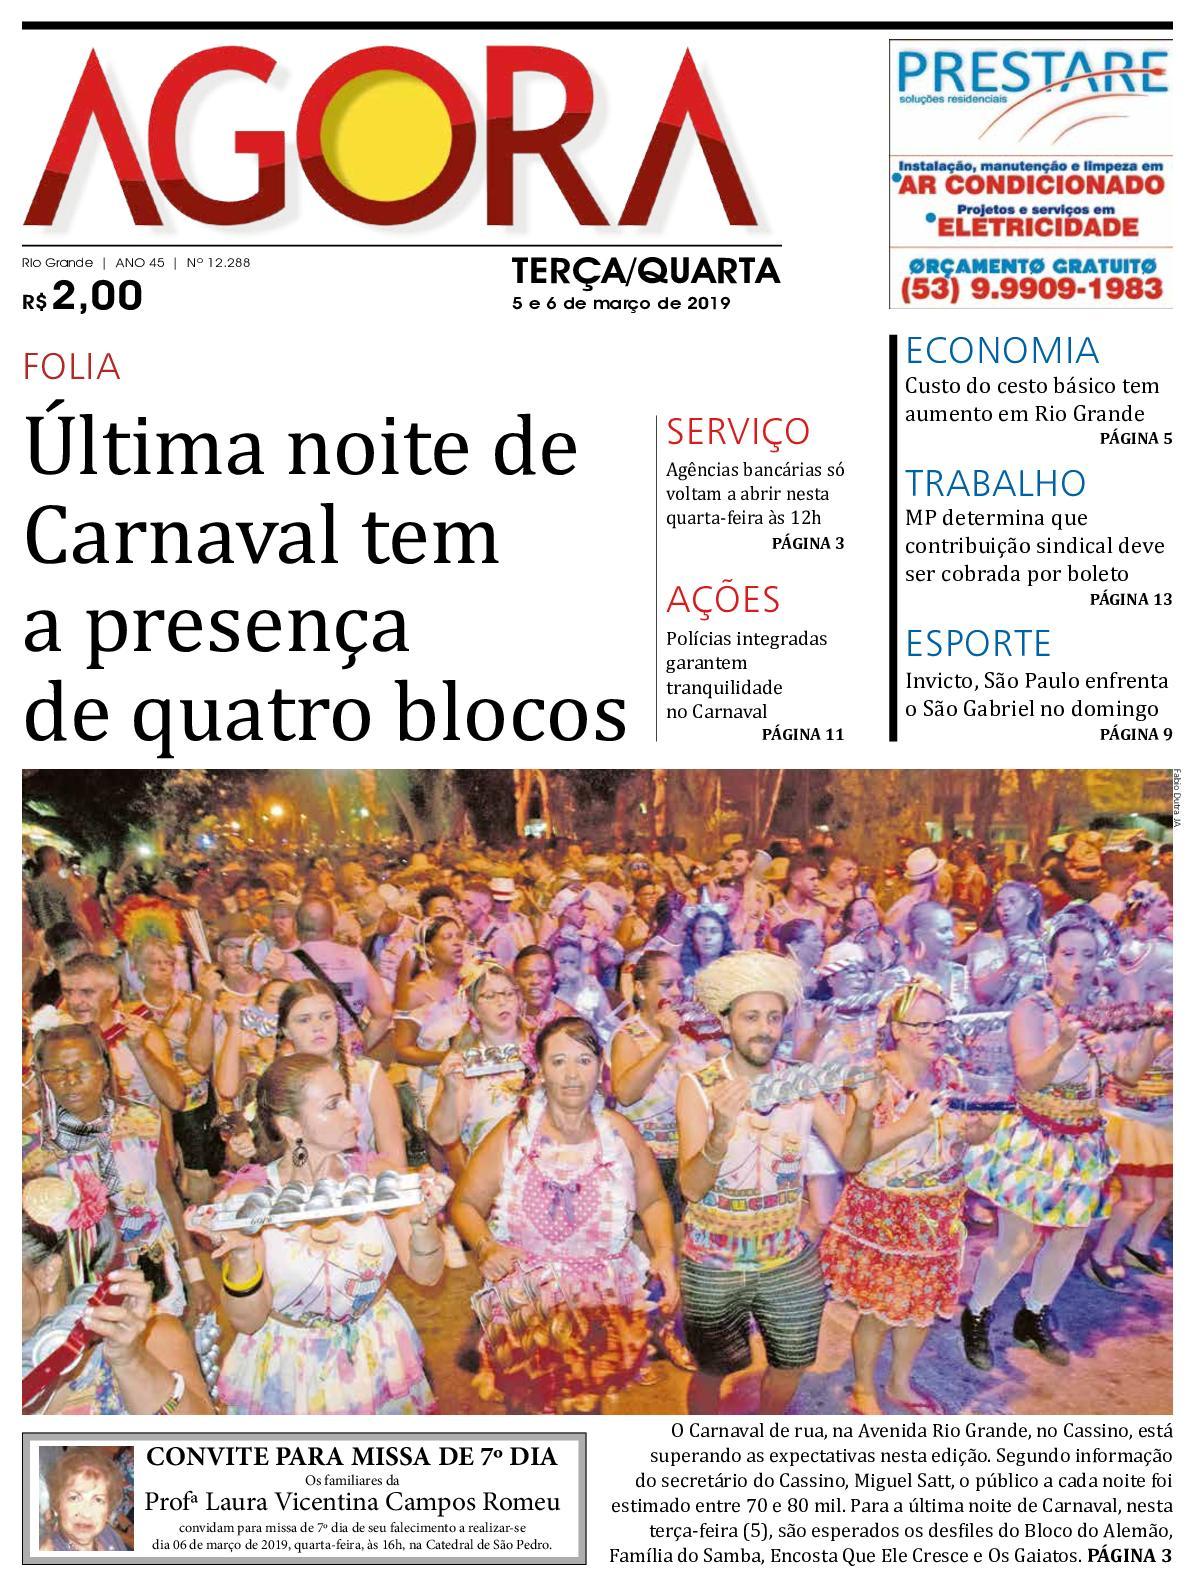 833e13129aaa Calaméo - Jornal Agora - Edição 12288 - 5 e 6 de março de 2019